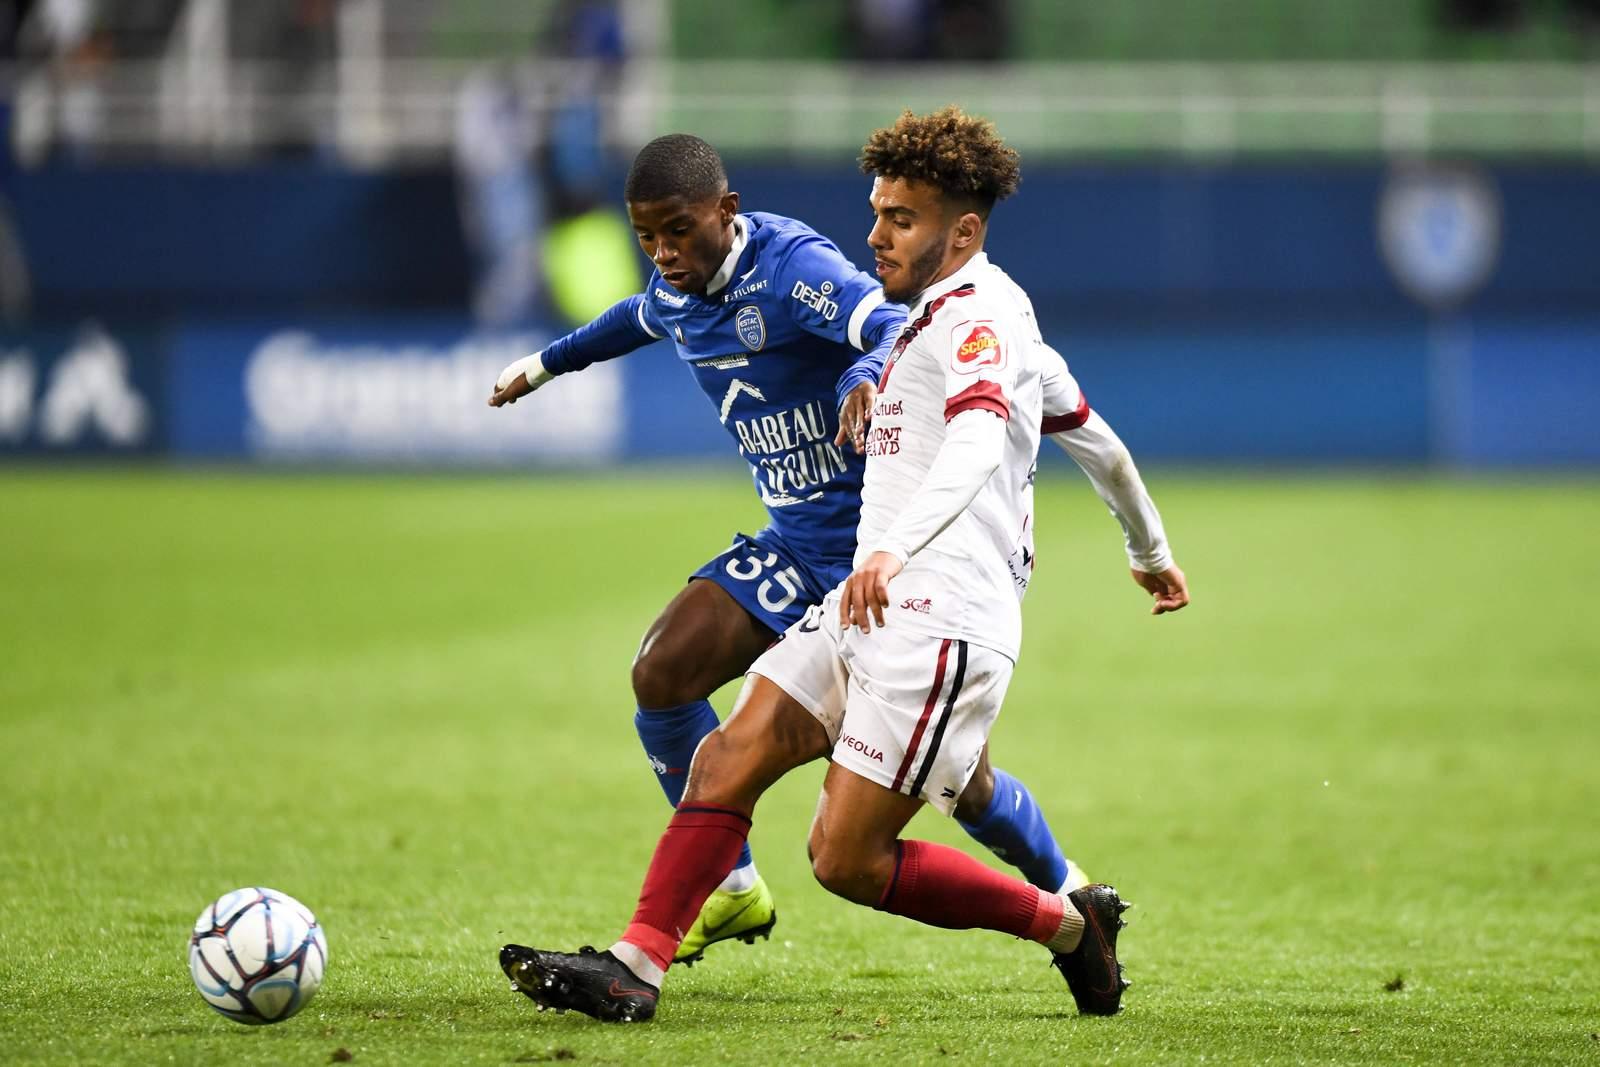 Remy Vita im Einsatz für Troyes.